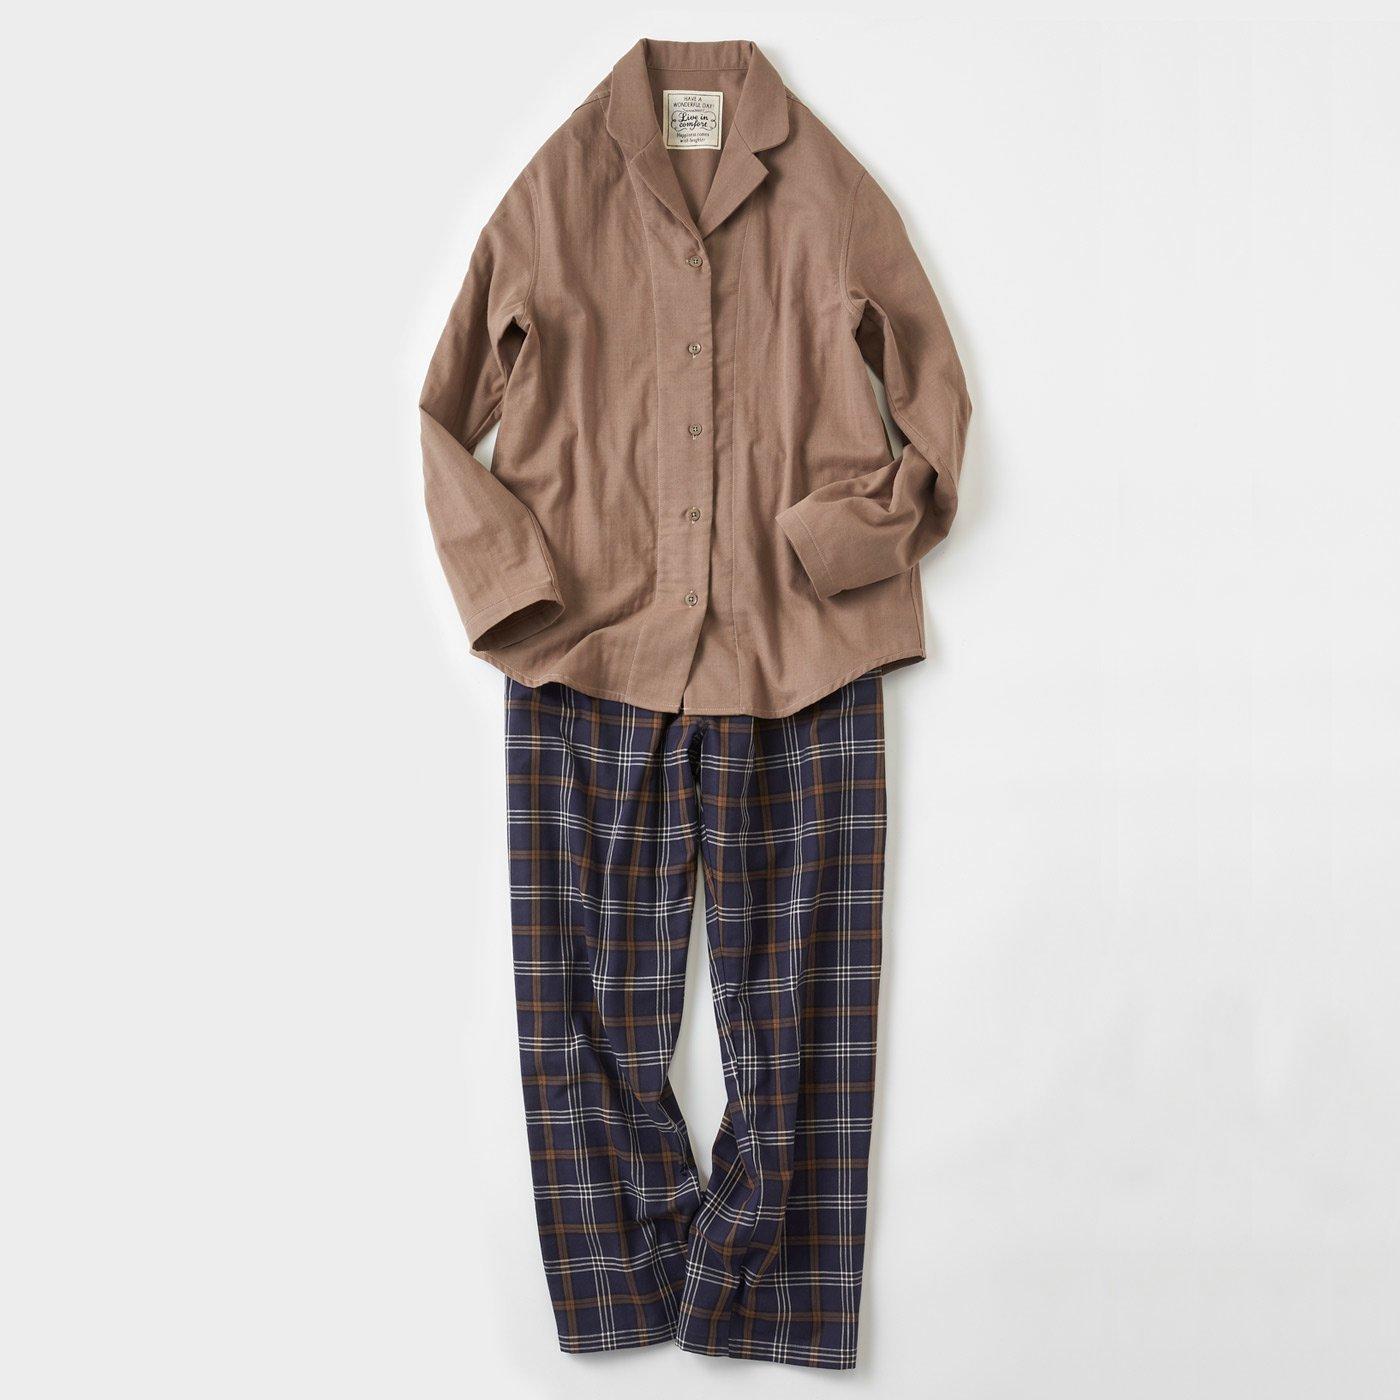 宅配便も取りにいける! リブ イン コンフォート コットン100% ダブルガーゼのパジャマ 〈モカ〉